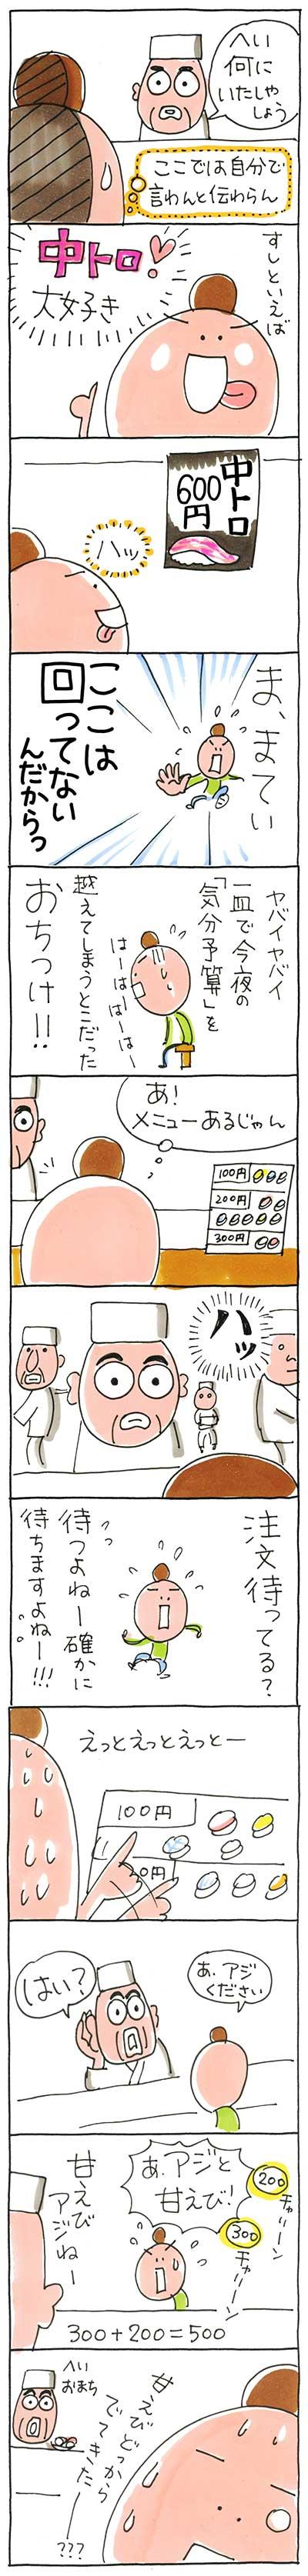 160118寿司その2